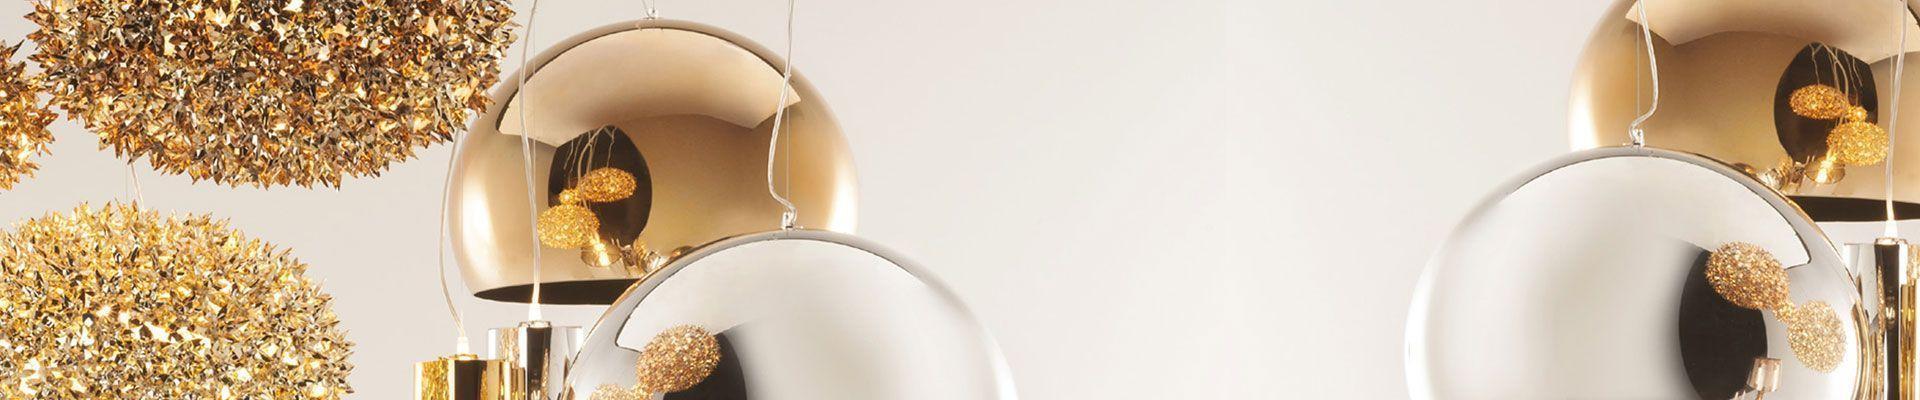 Kartell hanglampen